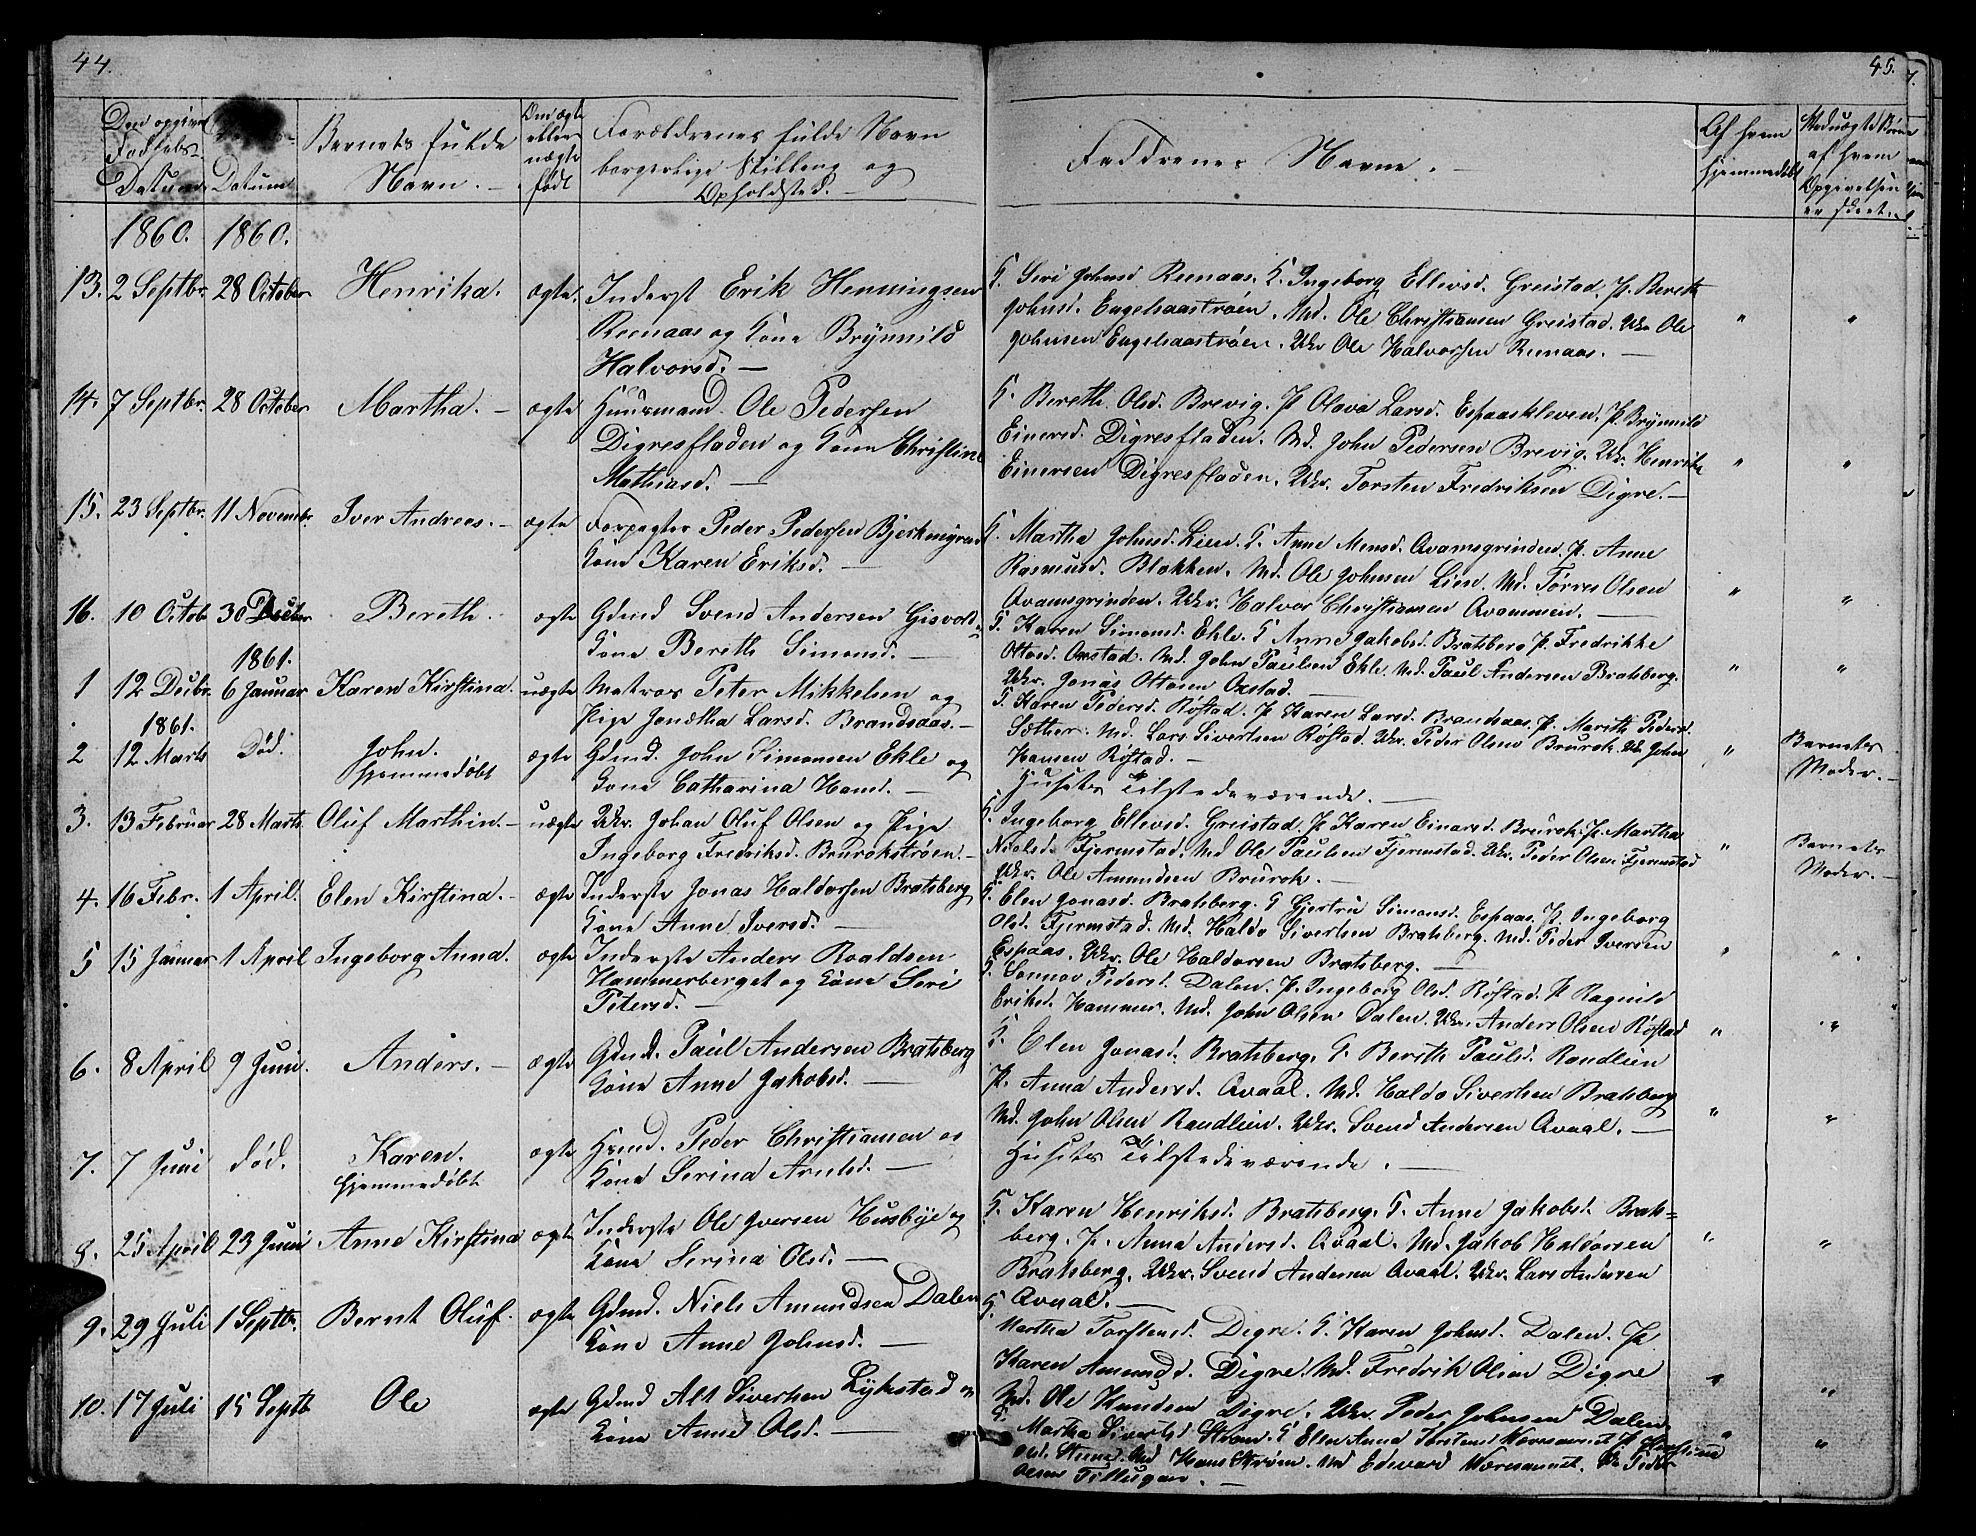 SAT, Ministerialprotokoller, klokkerbøker og fødselsregistre - Sør-Trøndelag, 608/L0339: Klokkerbok nr. 608C05, 1844-1863, s. 44-45